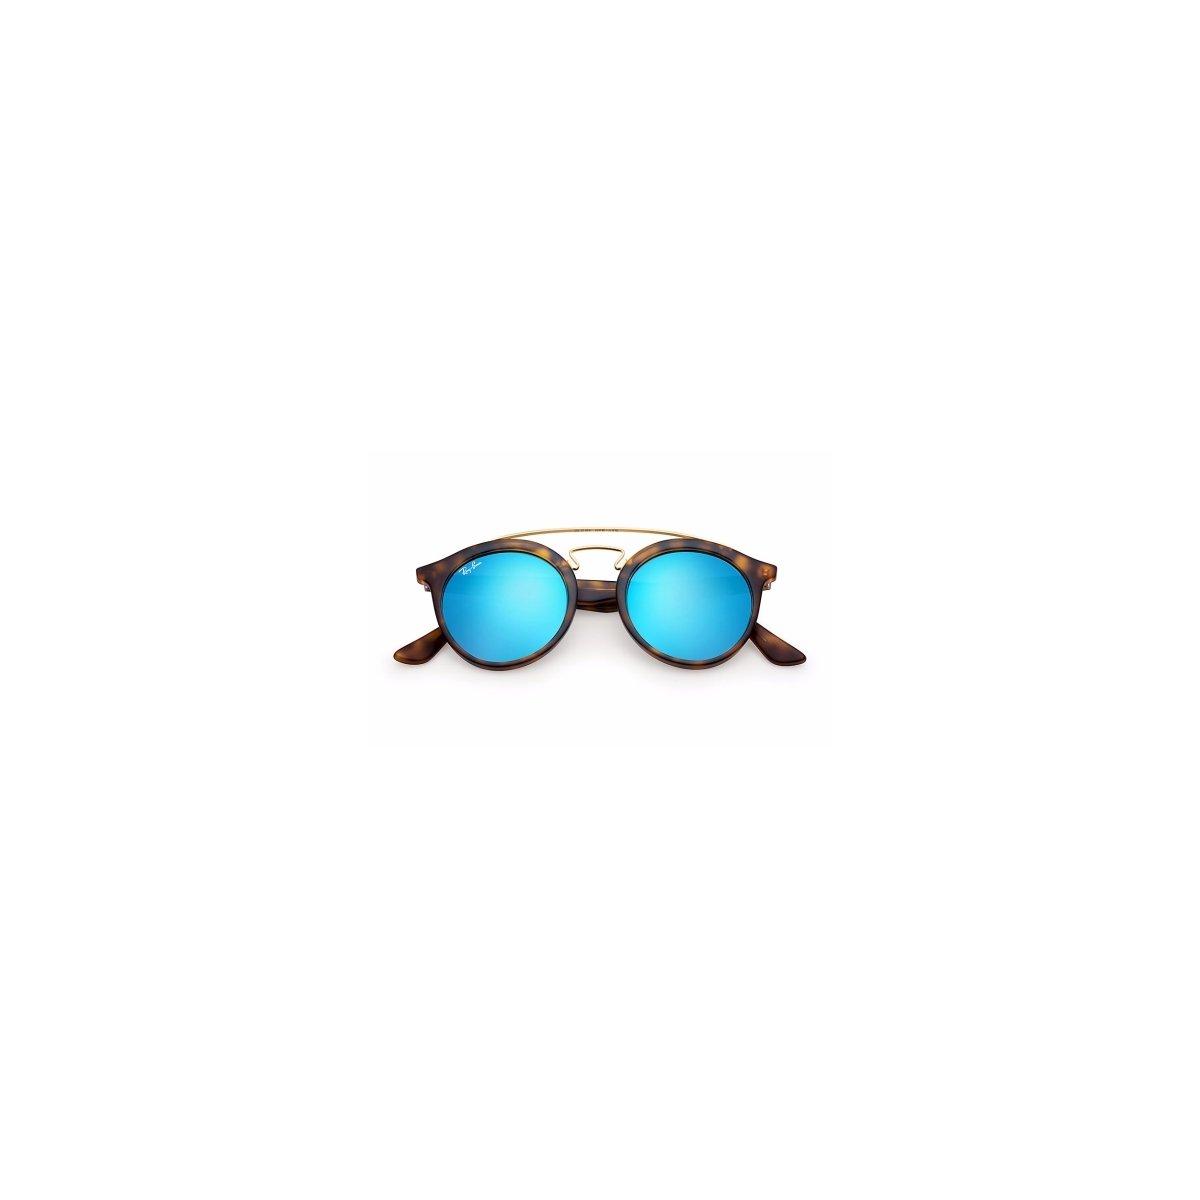 1d901c29489e Óculos de Sol Ray Ban Gatsby Redondo - Compre Agora